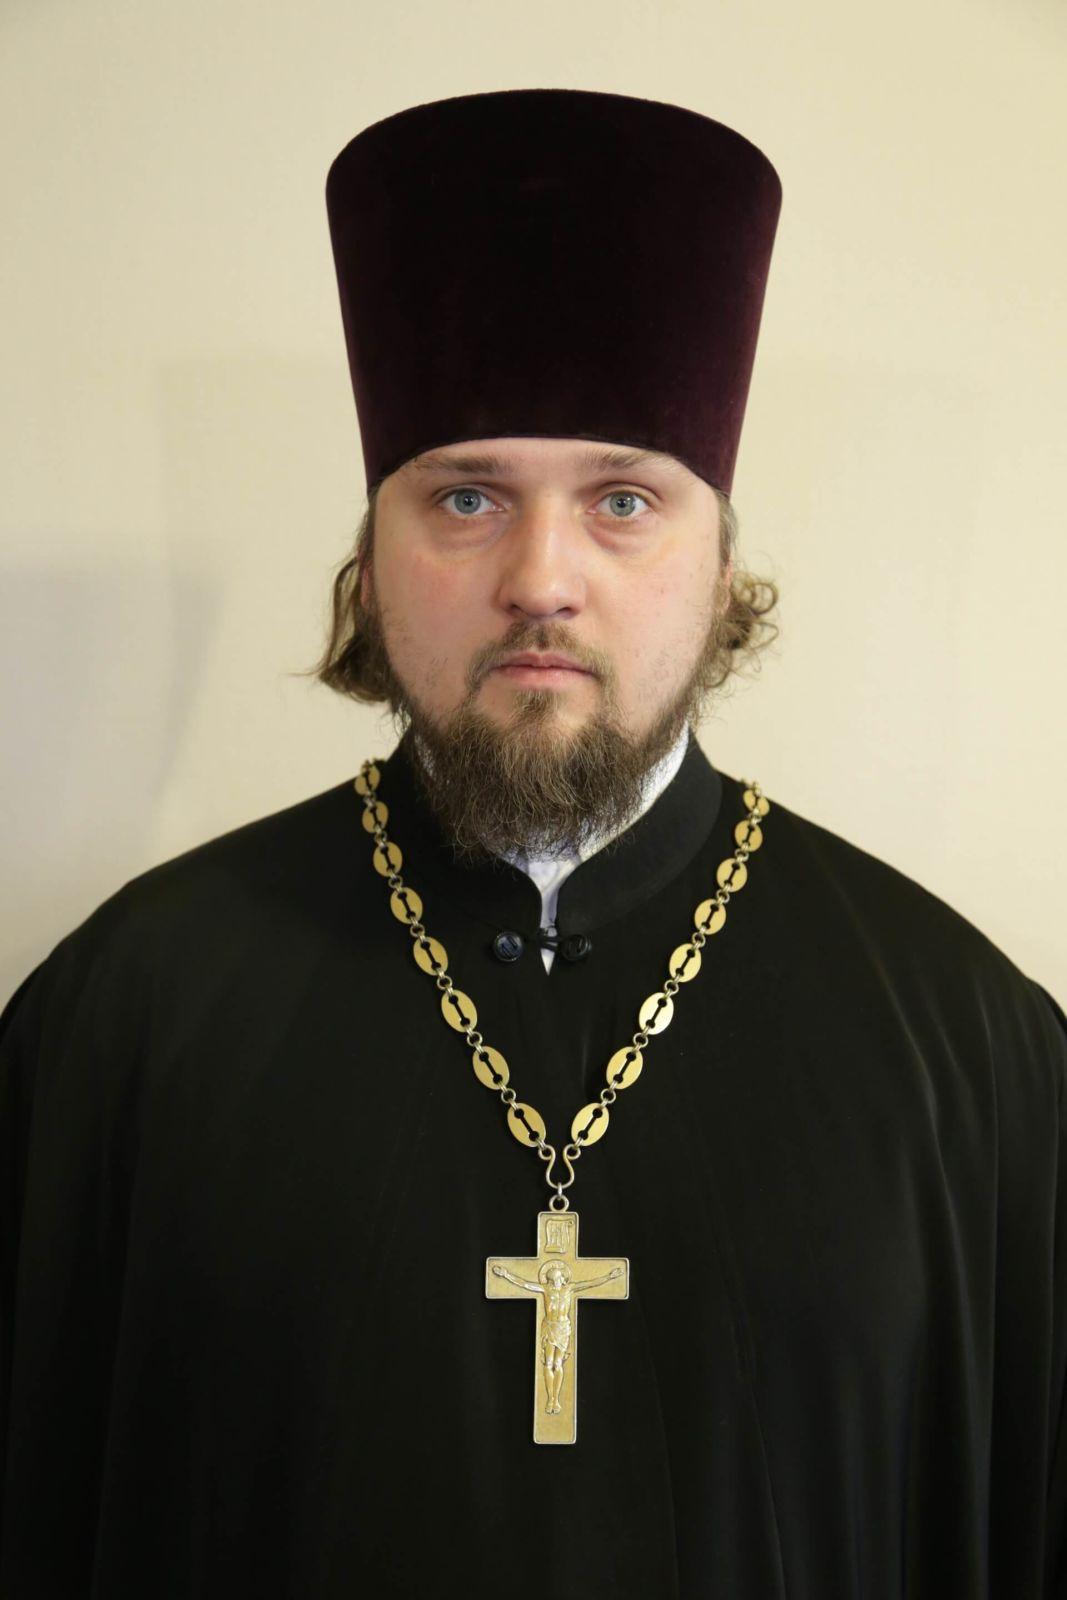 Протоиерей — Максим Станиславович Квасов